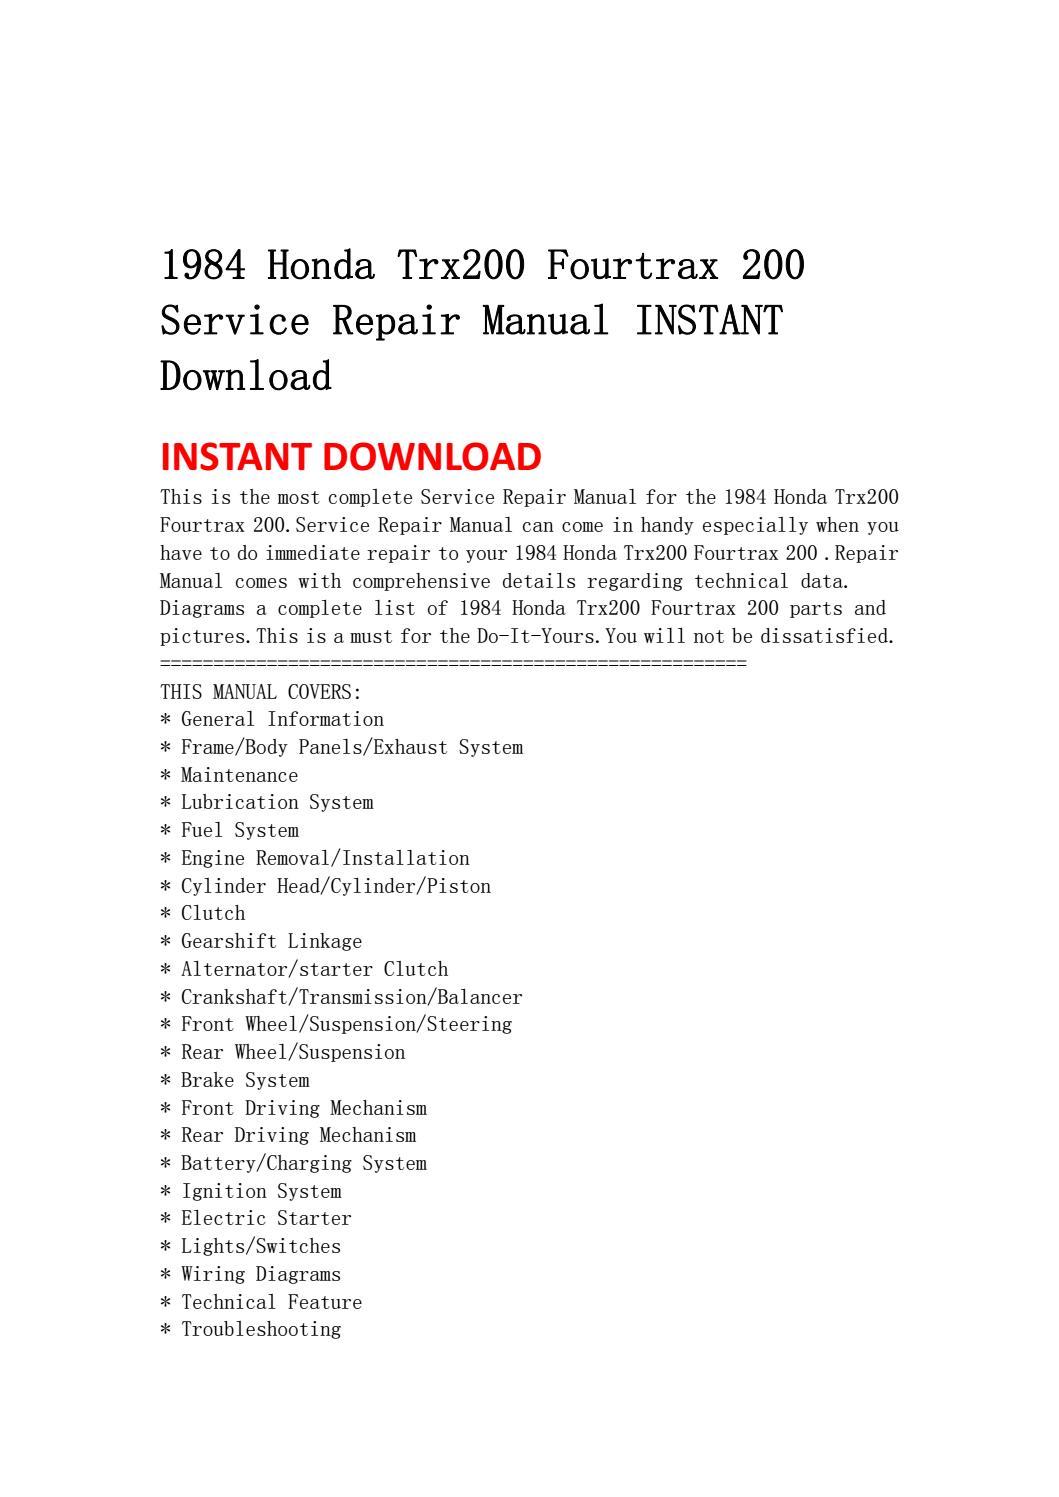 1984 Honda Trx200 Fourtrax 200 Service Repair Manual